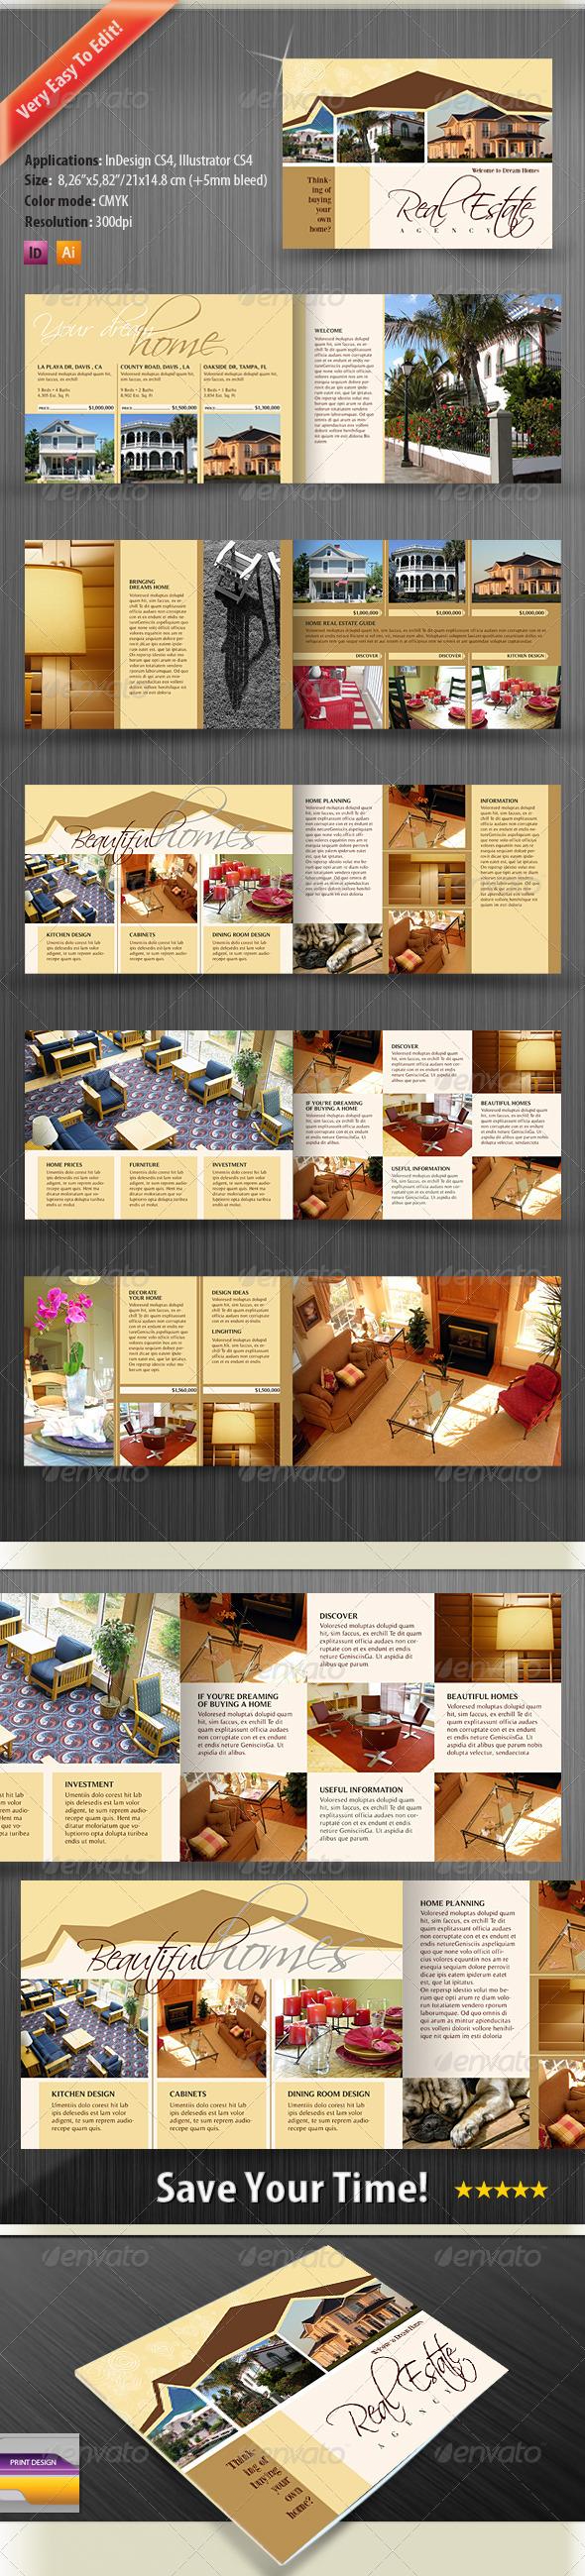 Request a free sunland home decor catalog autos weblog for Sunland decor